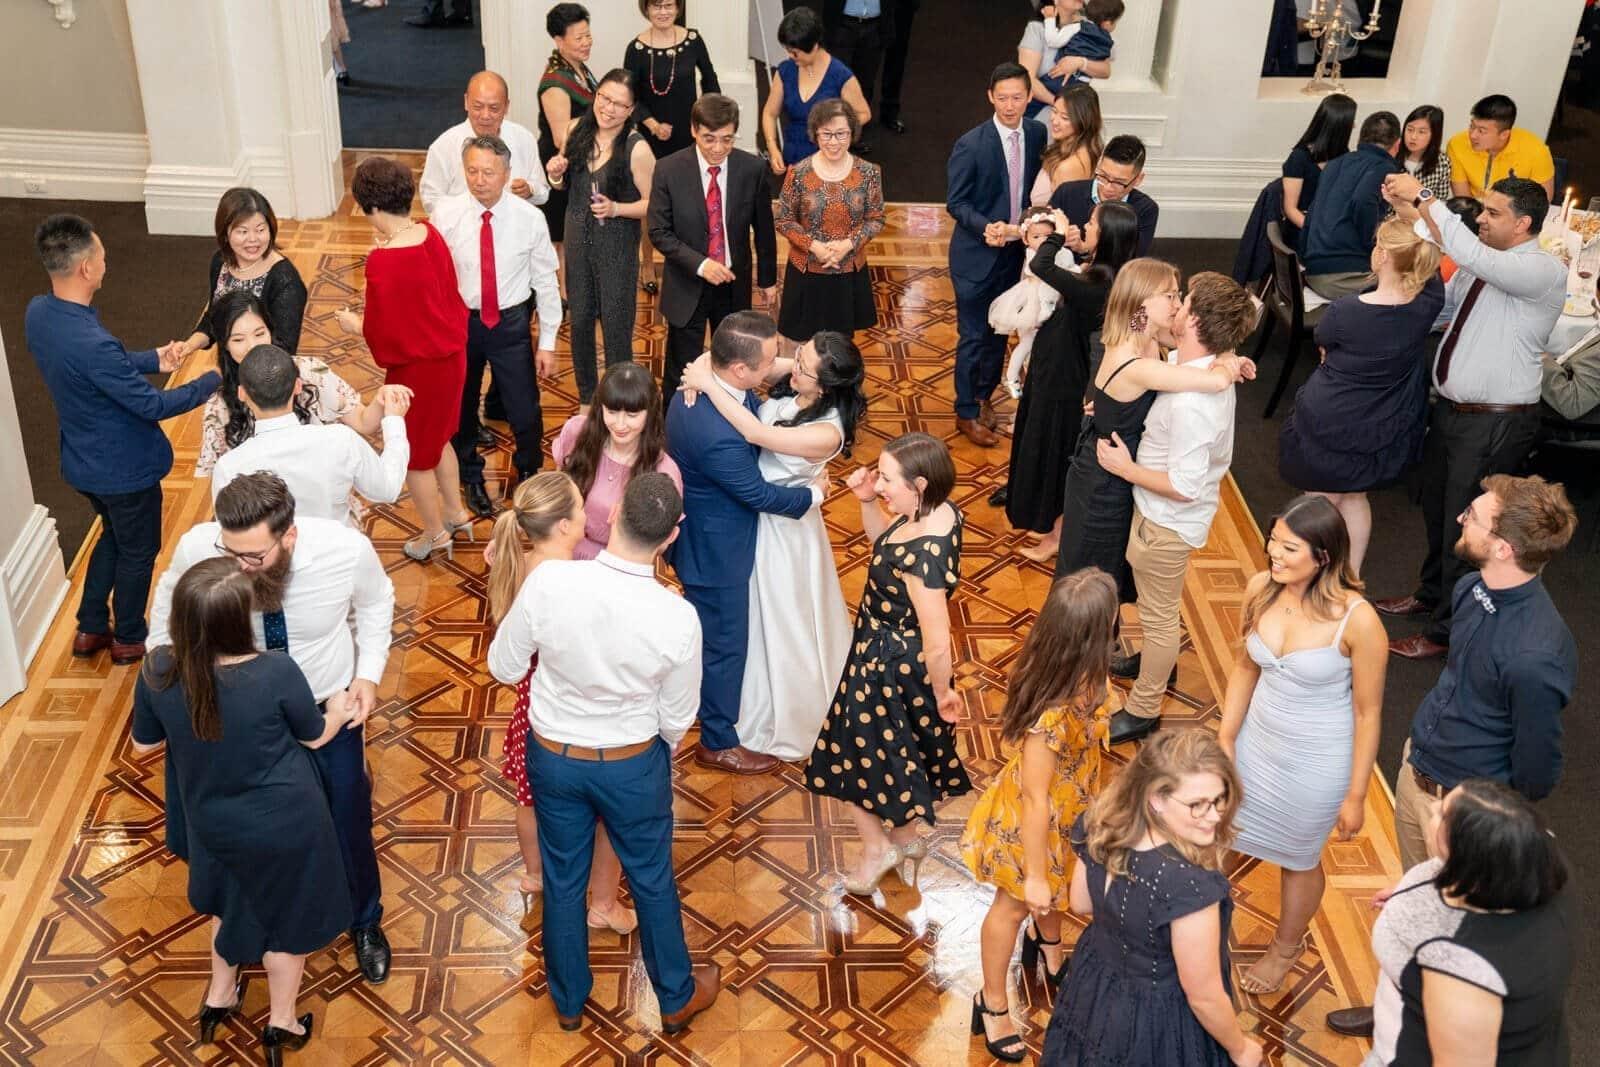 Quat Quatta | Wedding Reception Dancing